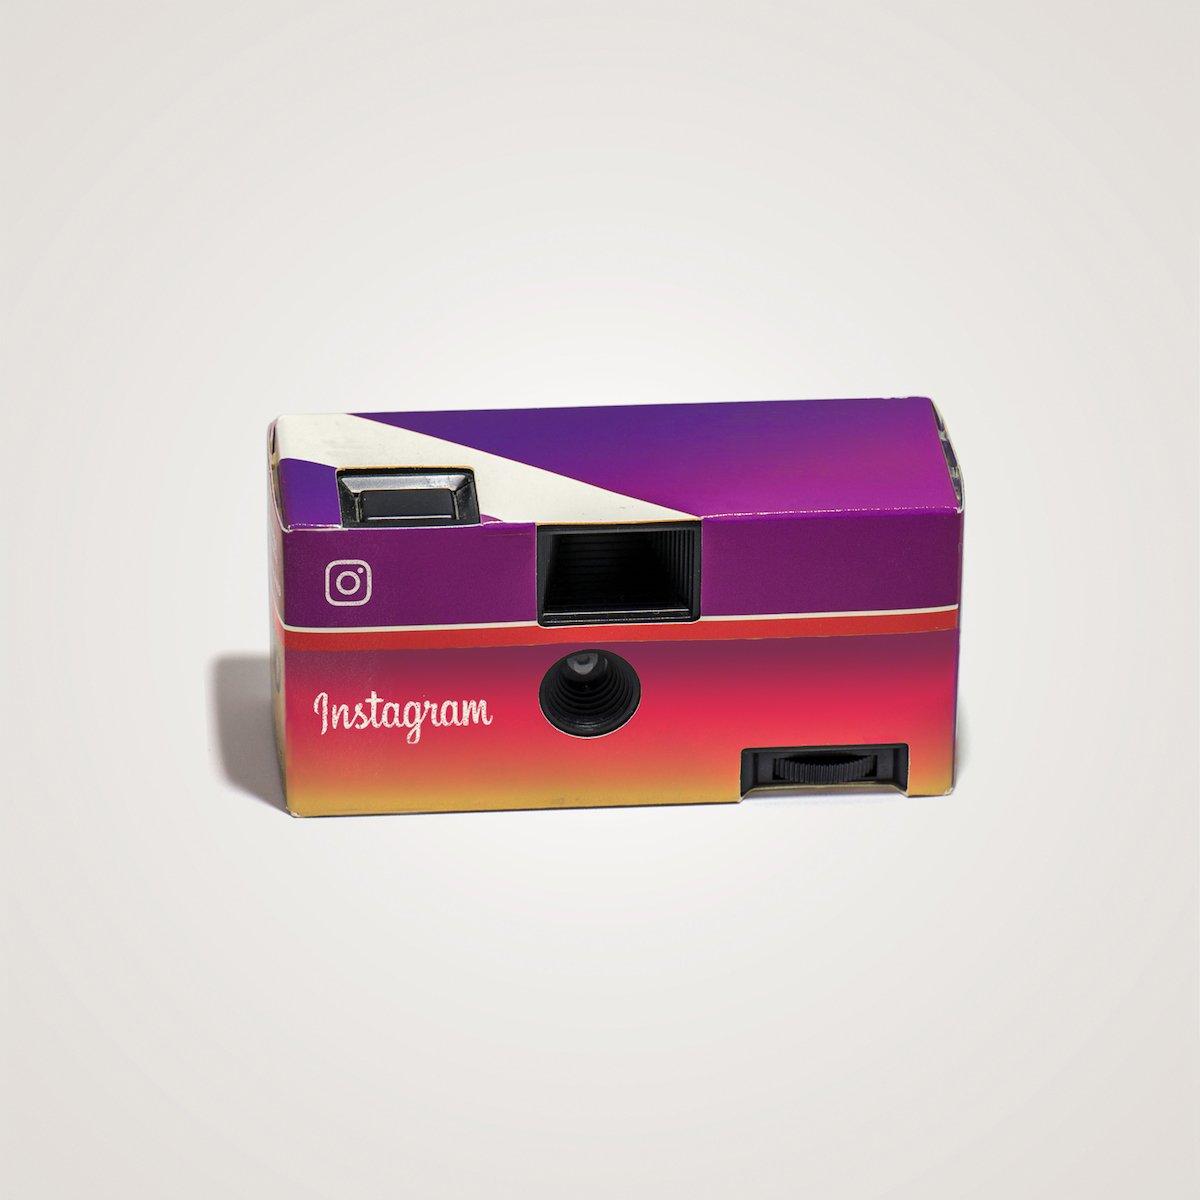 instagram objets vintage technologie internet.jpg?resize=300,169 - Google, Facebook, Instagram dans les années 80? C'est l'idée génial de ce créatif.